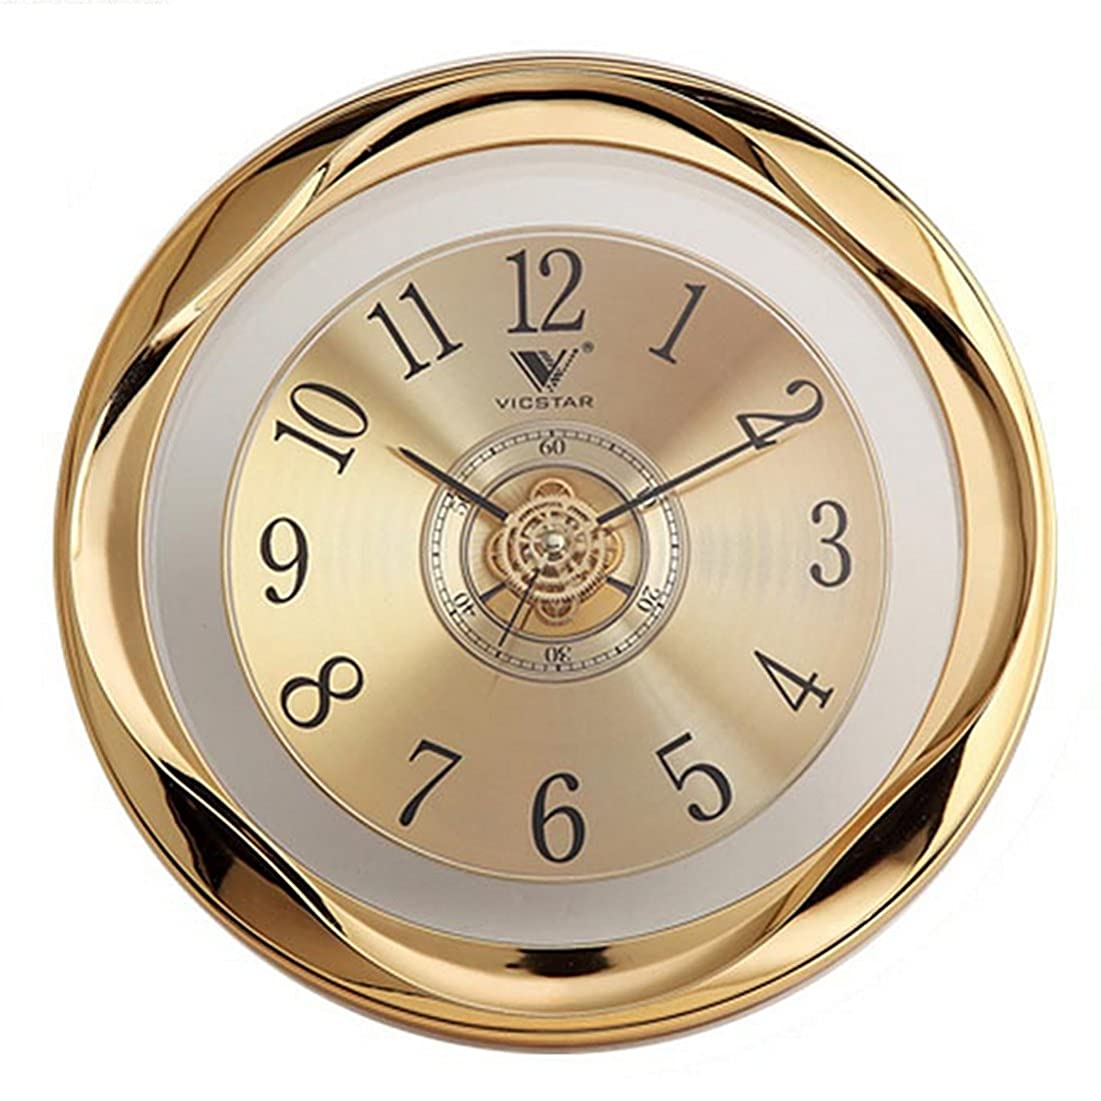 振り子フリース宝石Lingxuinfo 壁掛け時計 12インチ 円形 静音 壁時計 装飾的 カチカチカチ音 クォーツ 電池式 リビングルーム キッチン 寝室用 ゴールド